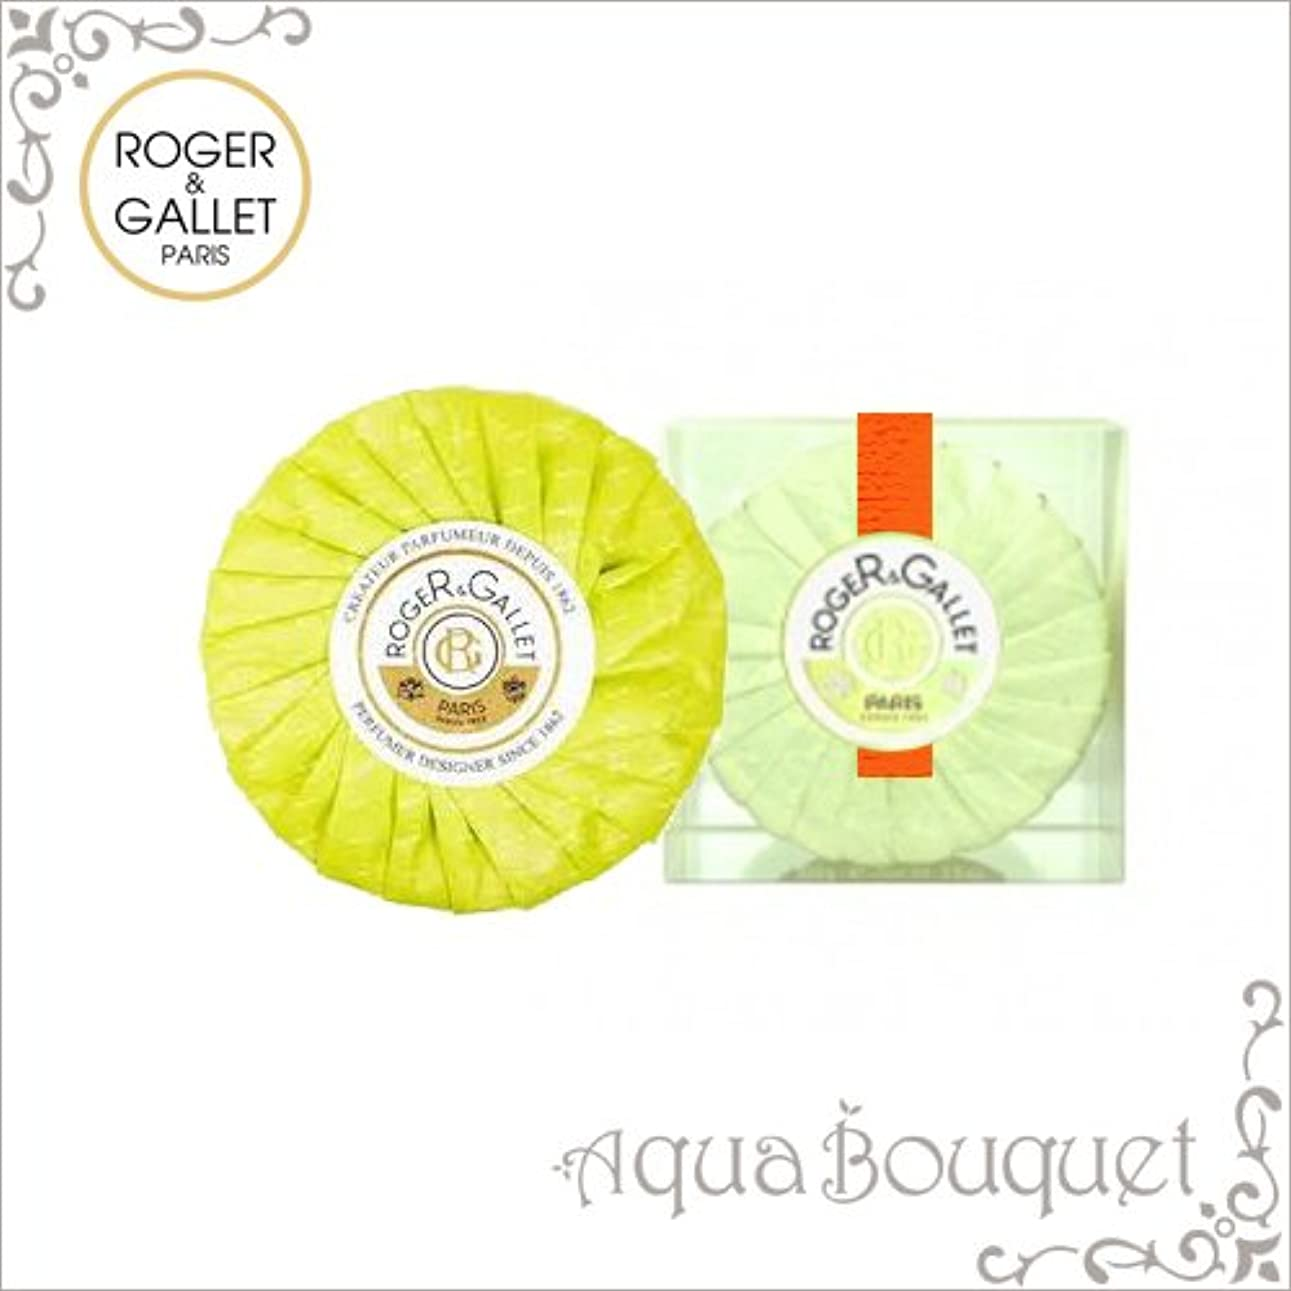 ひいきにする後世綺麗なロジェガレ オスマンティウスパフューム 香水石鹸 100g ROGER&GALLET FLEUR D'OSMANTHUS PERFUMED SOAP [1278](プラスチック簡易ケース入り) [並行輸入品]